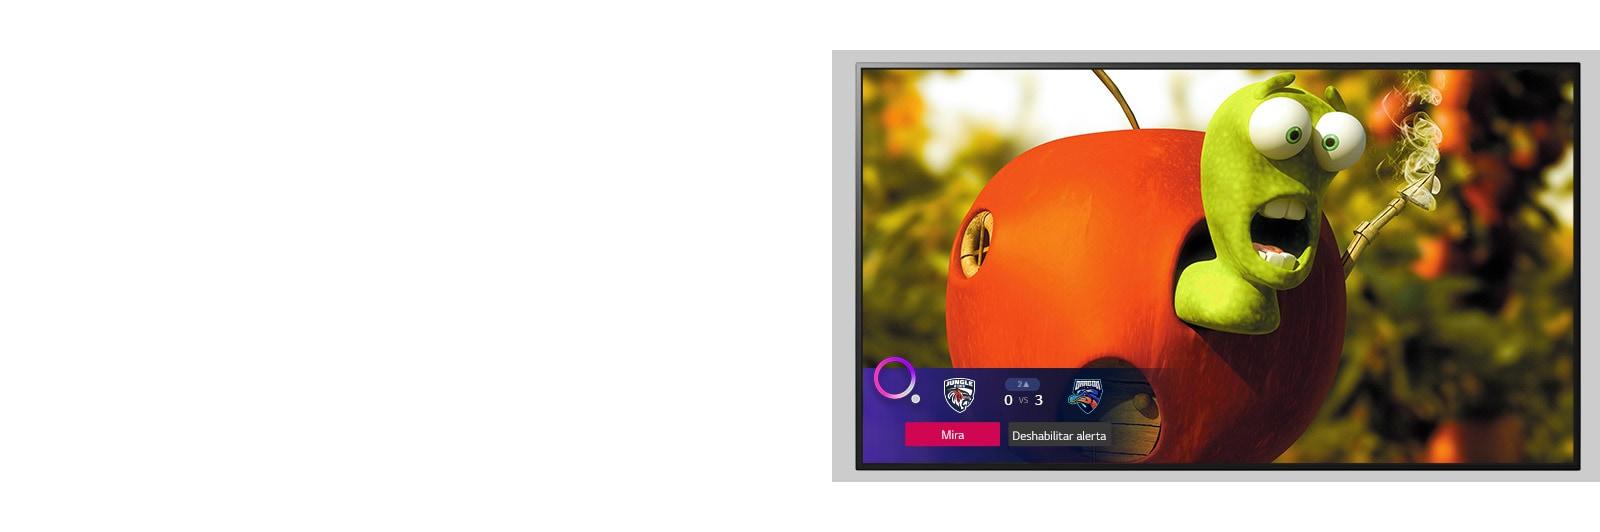 TV que muestra un personaje de dibujos animados y una Sports Alert en la parte inferior de la pantalla.